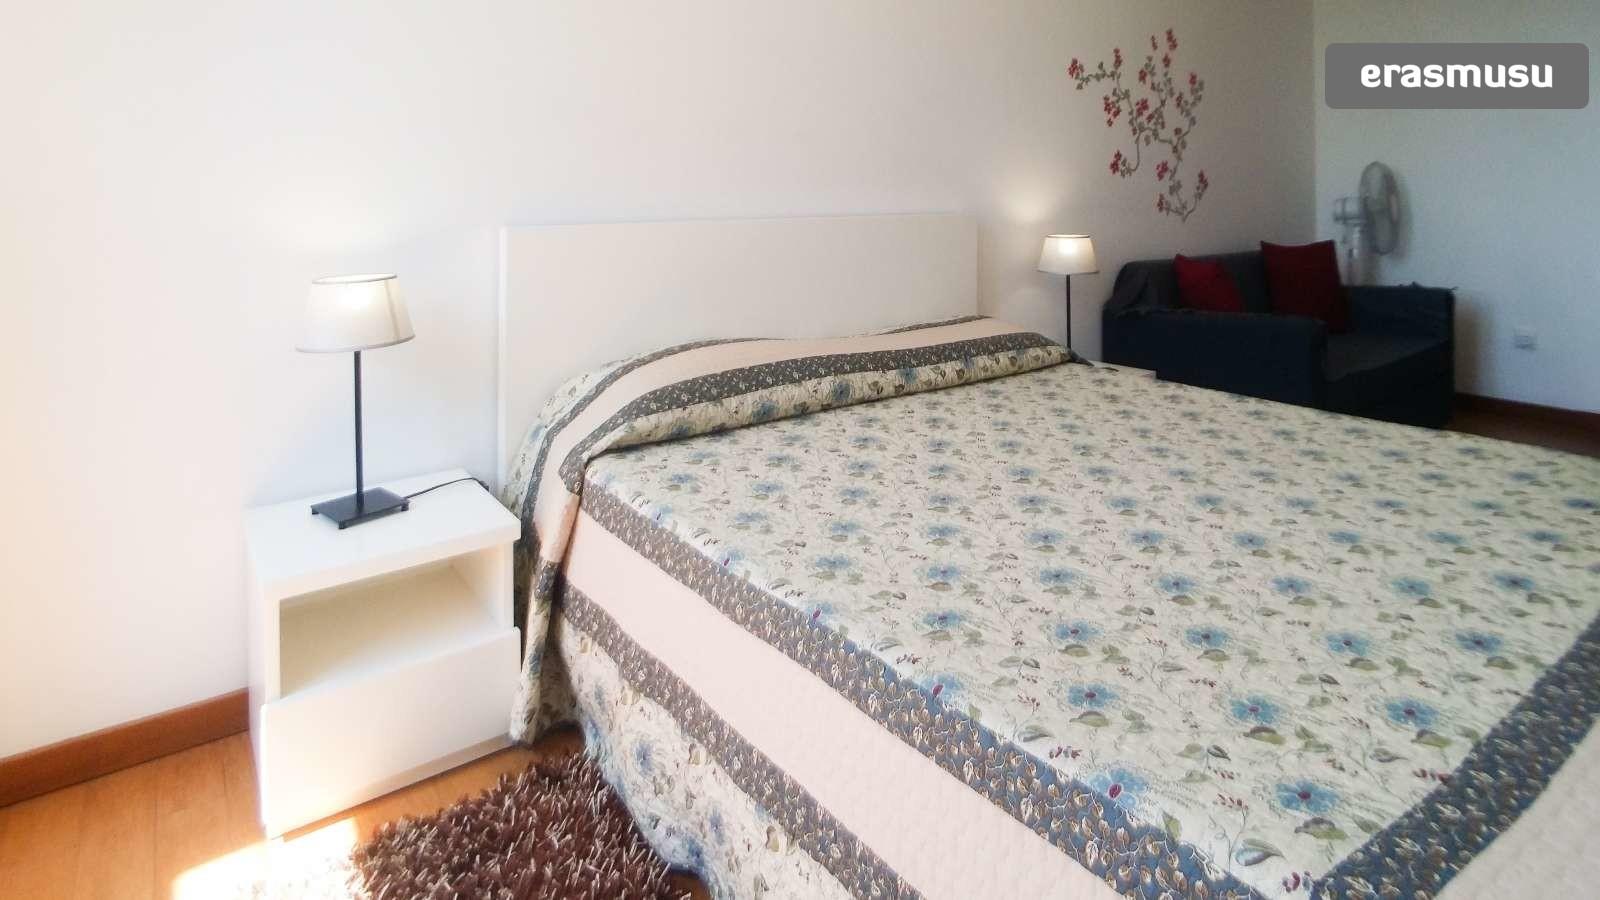 bright-studio-apartment-rent-cedofeita-1048c847edda28cd707f0f2ba